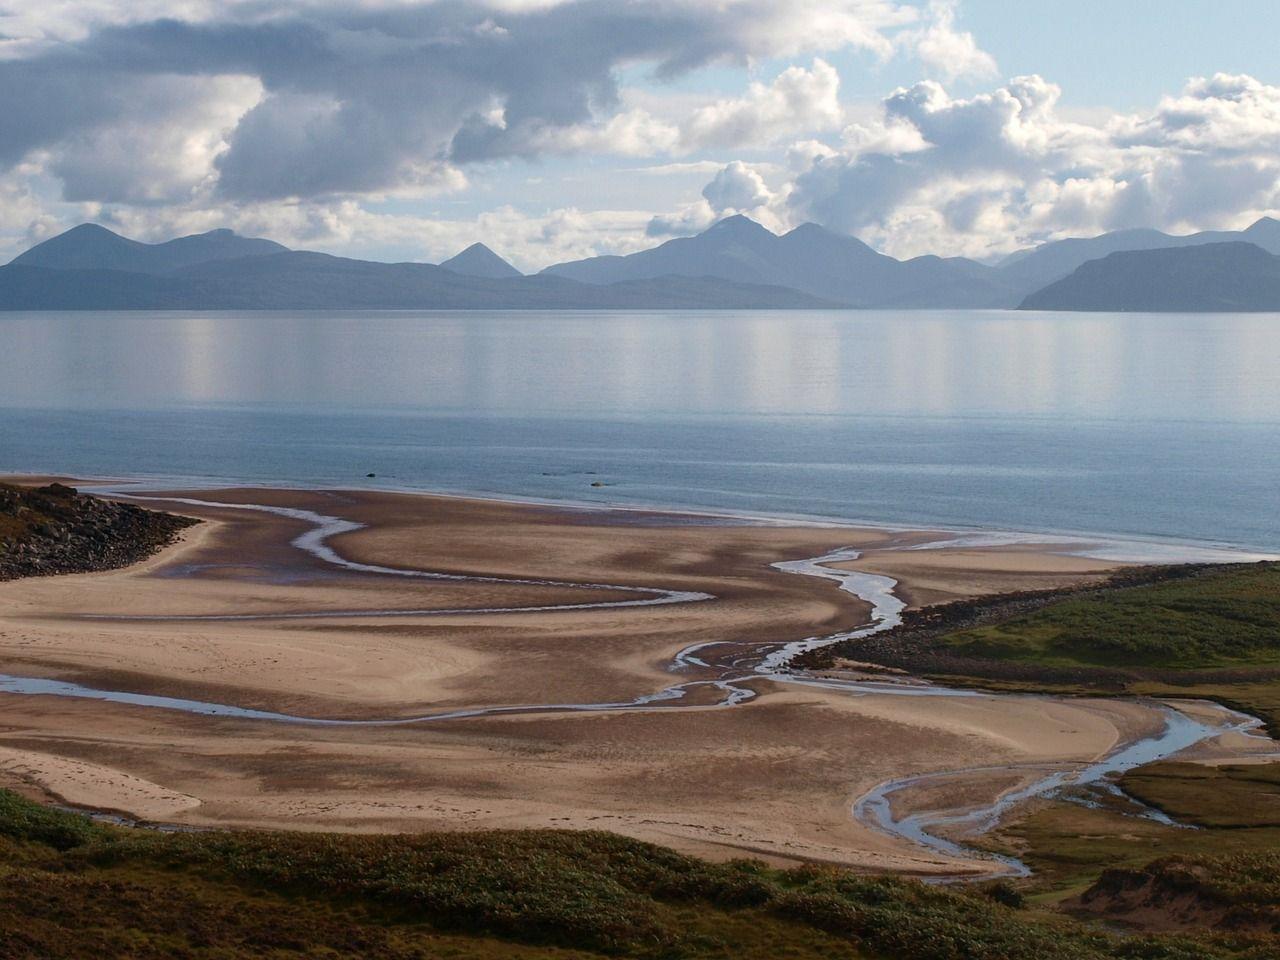 applecross, 10 giorni in Scozia itinerario da Glasgow